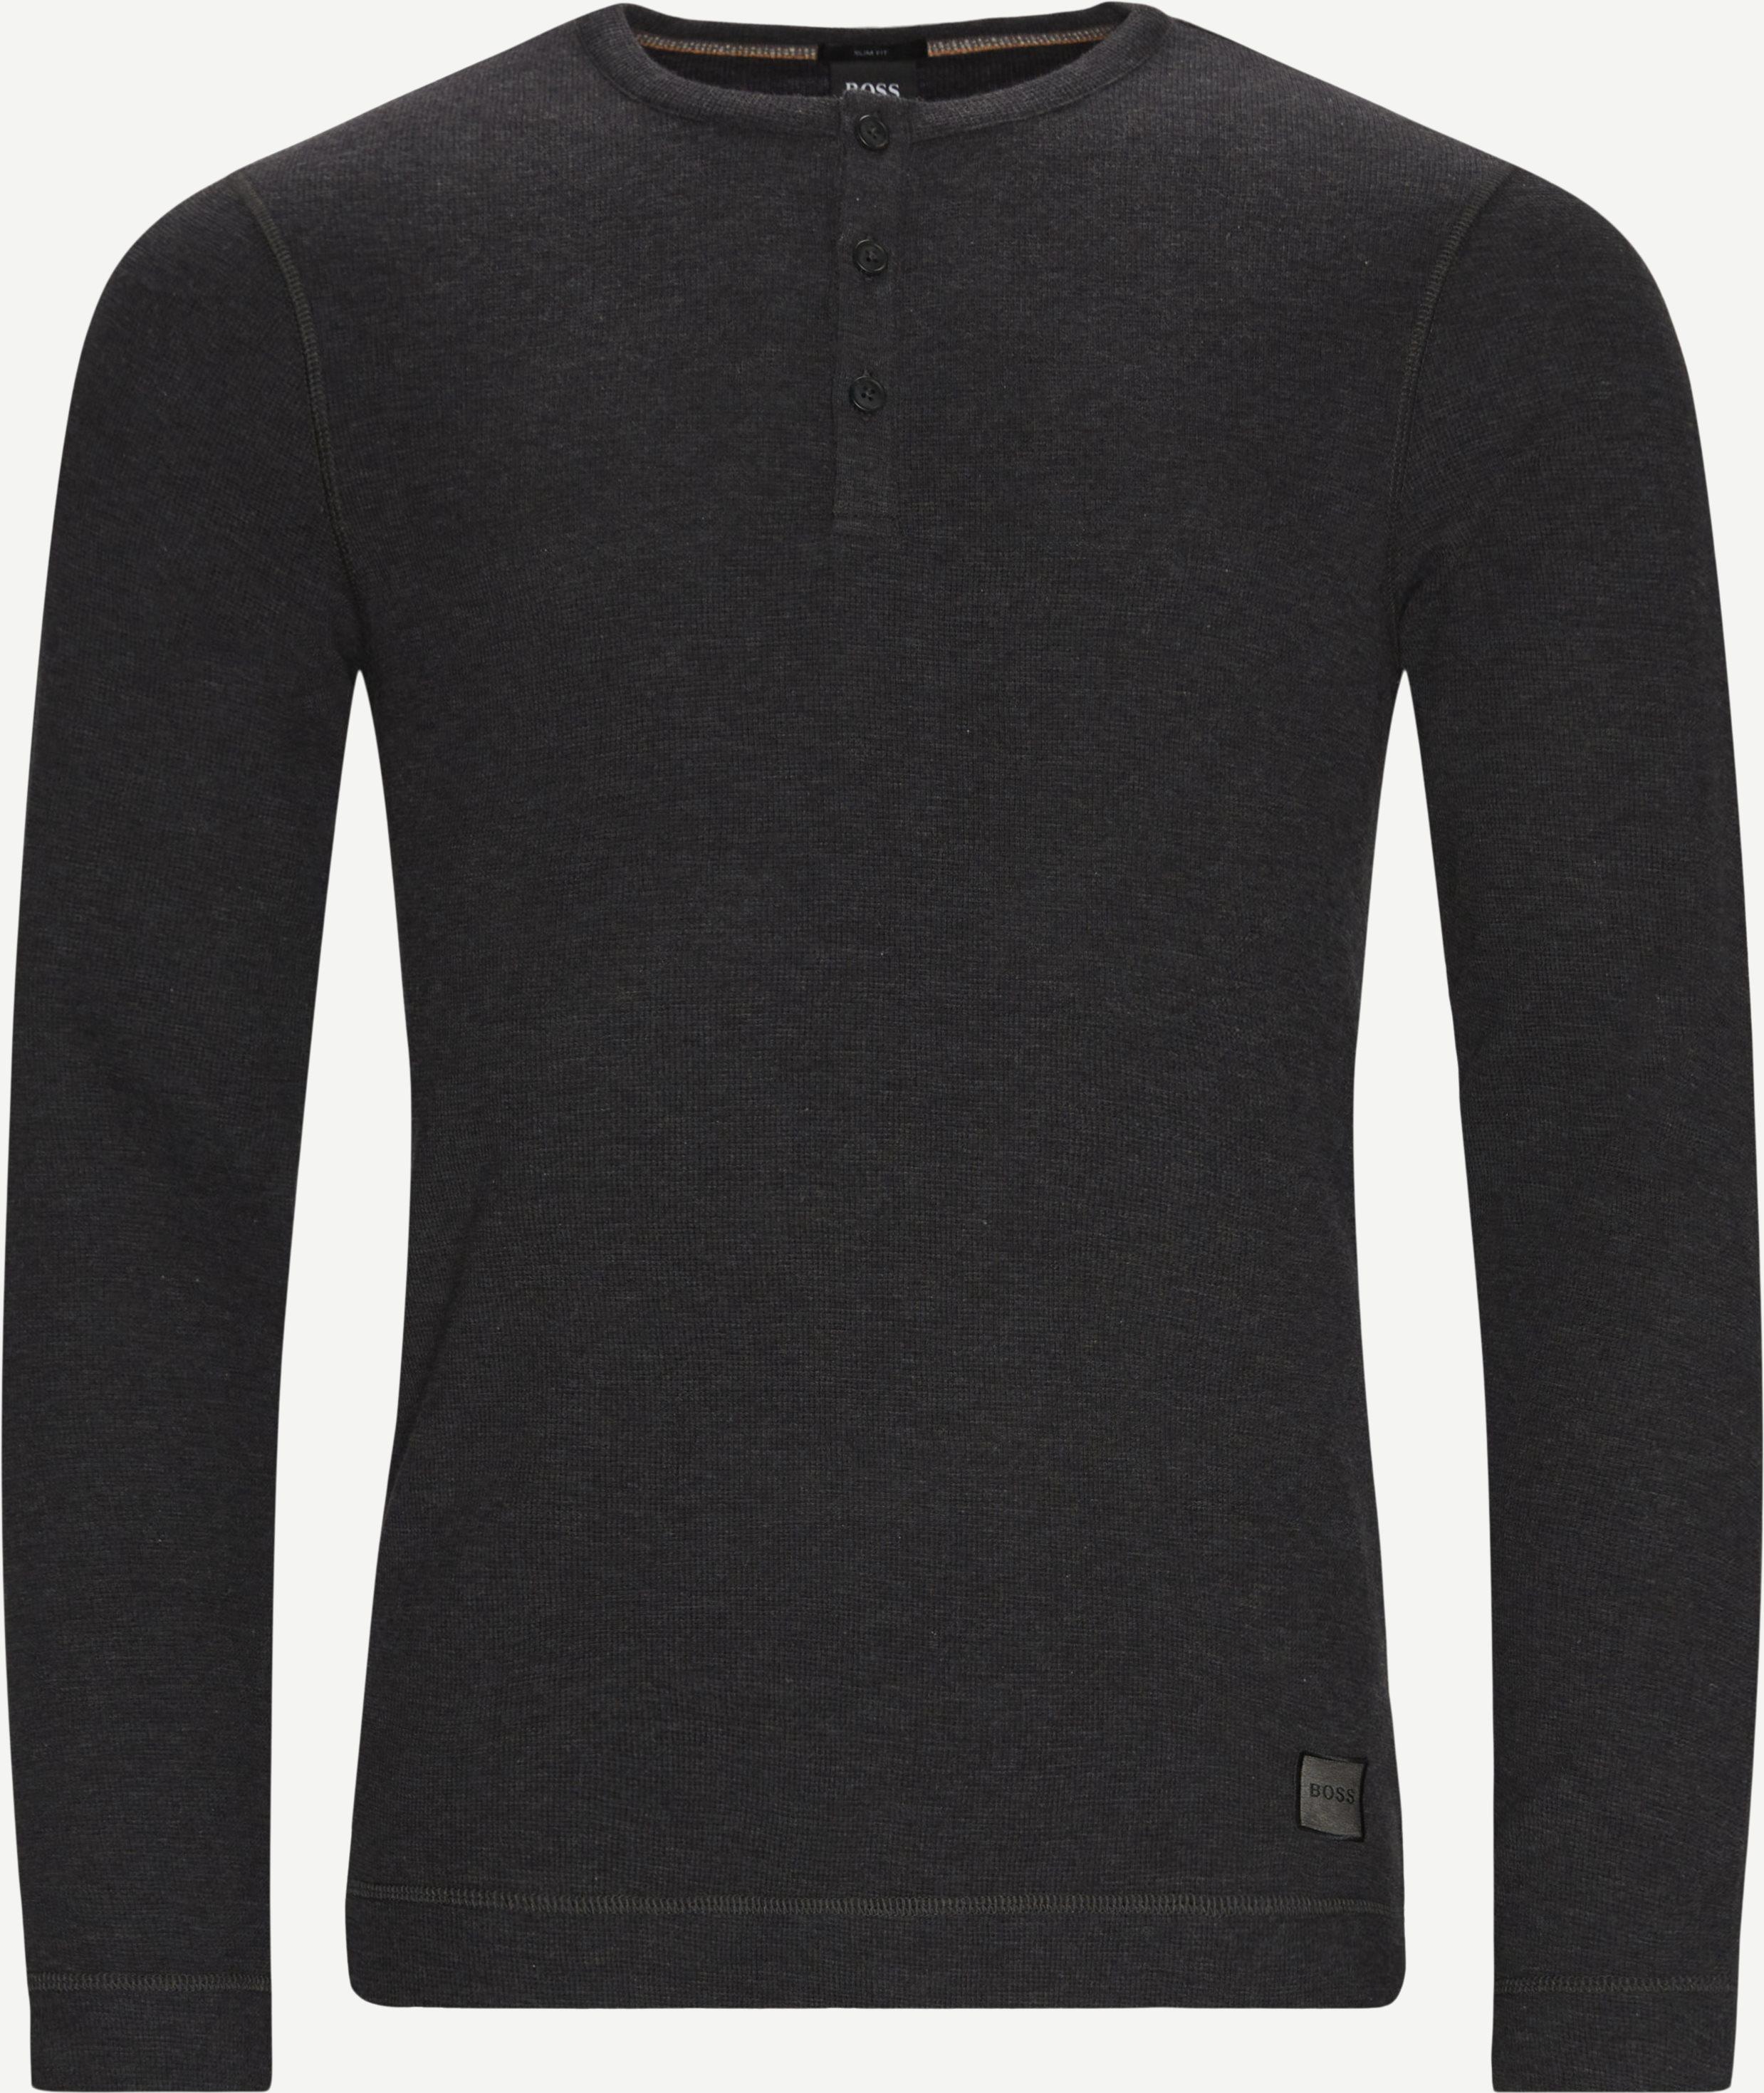 T-Shirts - Slim fit - Grau